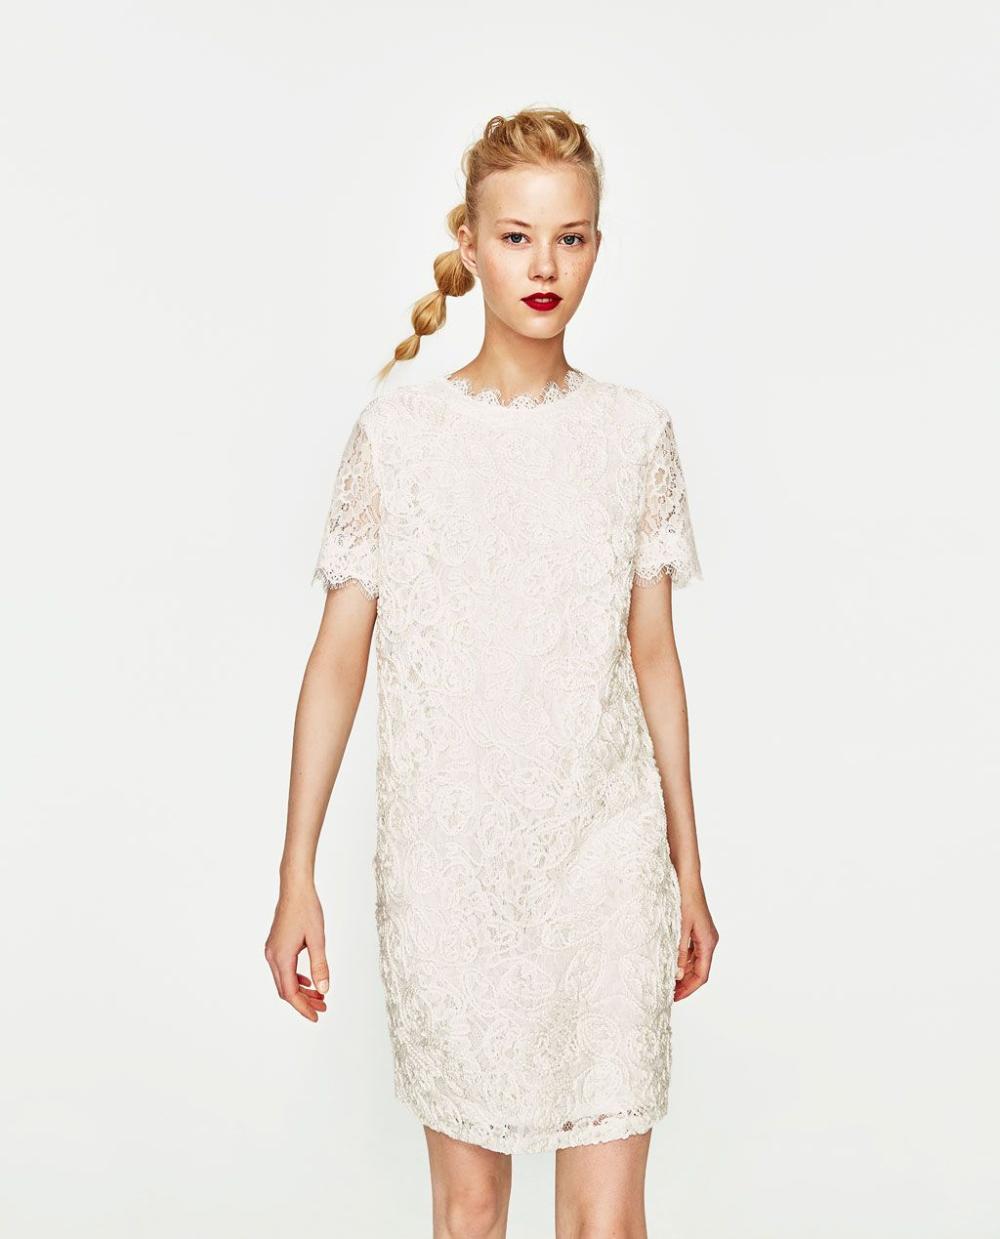 Zara White Lace Shift Dress Google Search White Lace Shift Dress Short Lace Dress Short Sleeve Lace Dress [ 1239 x 1000 Pixel ]